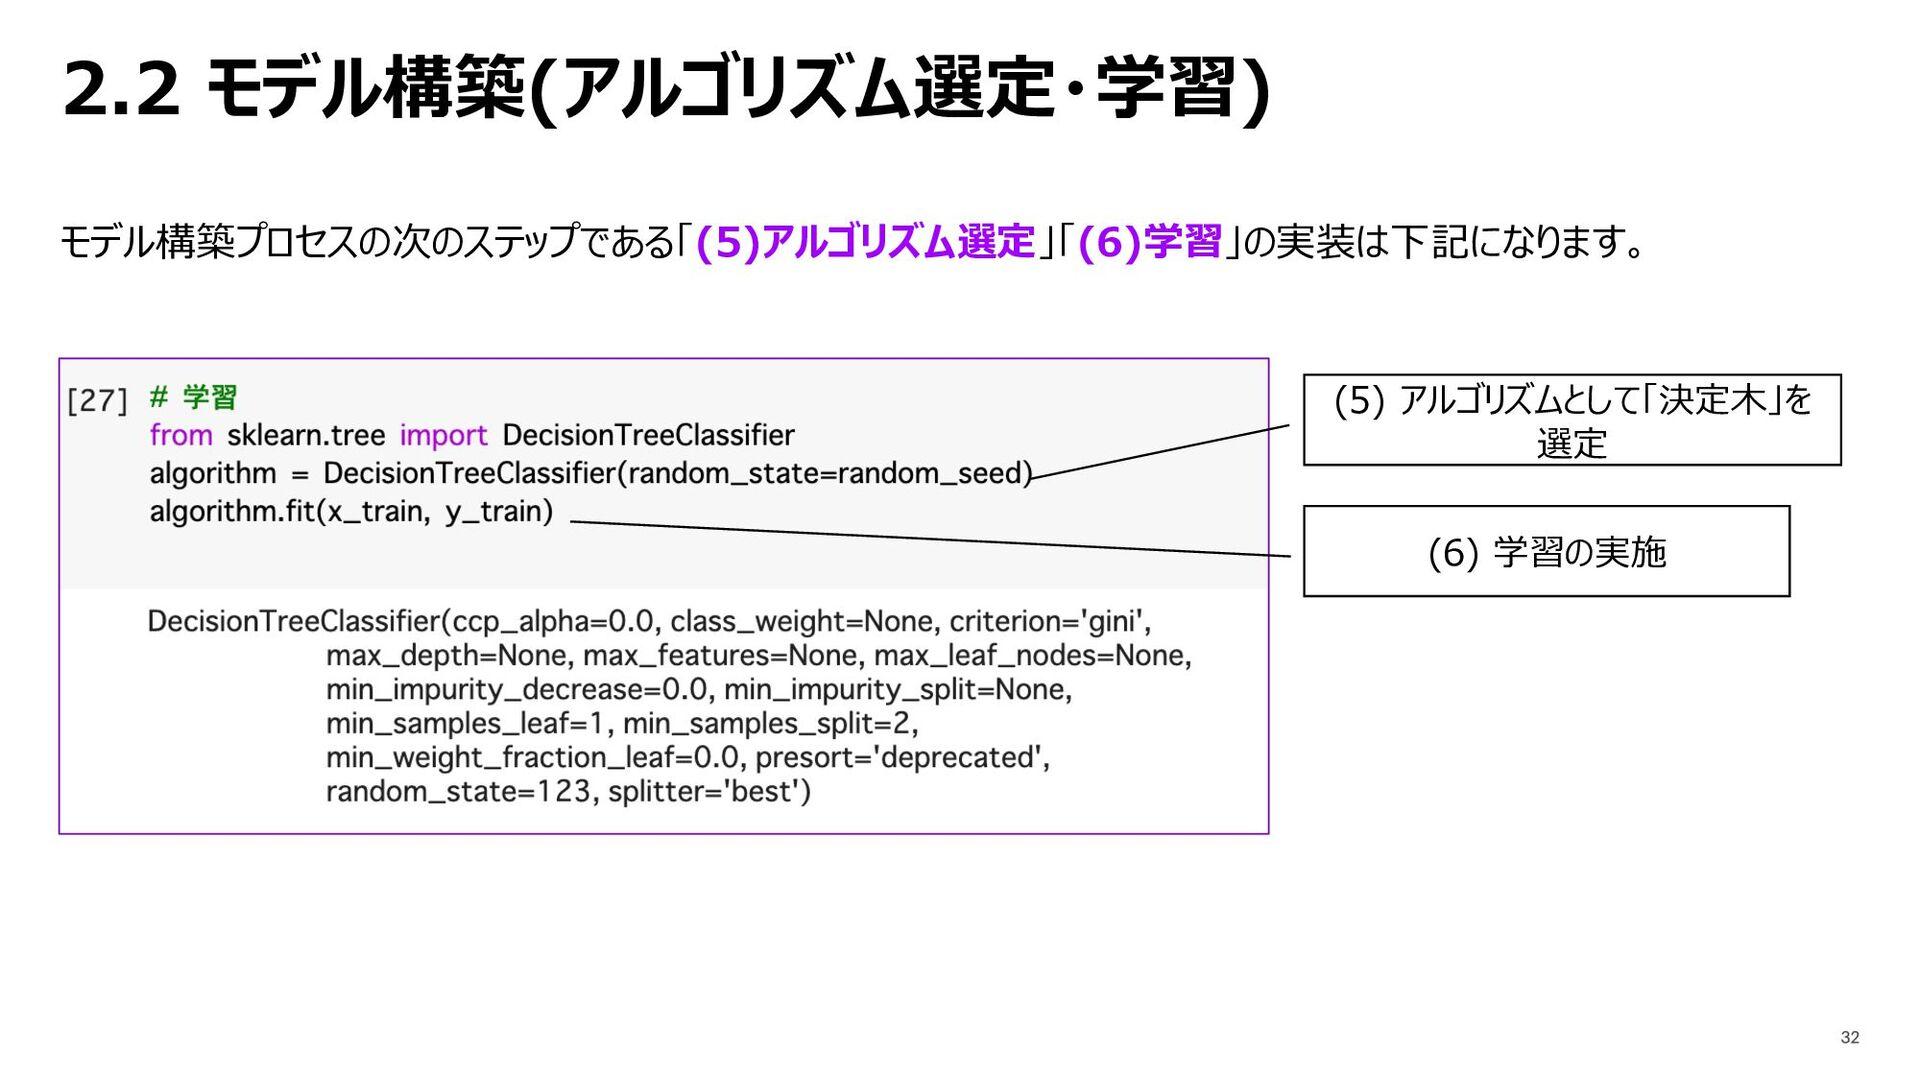 2.2 モデル構築(アルゴリズム選定・学習) モデル構築プロセスの次のステップである「(5)ア...